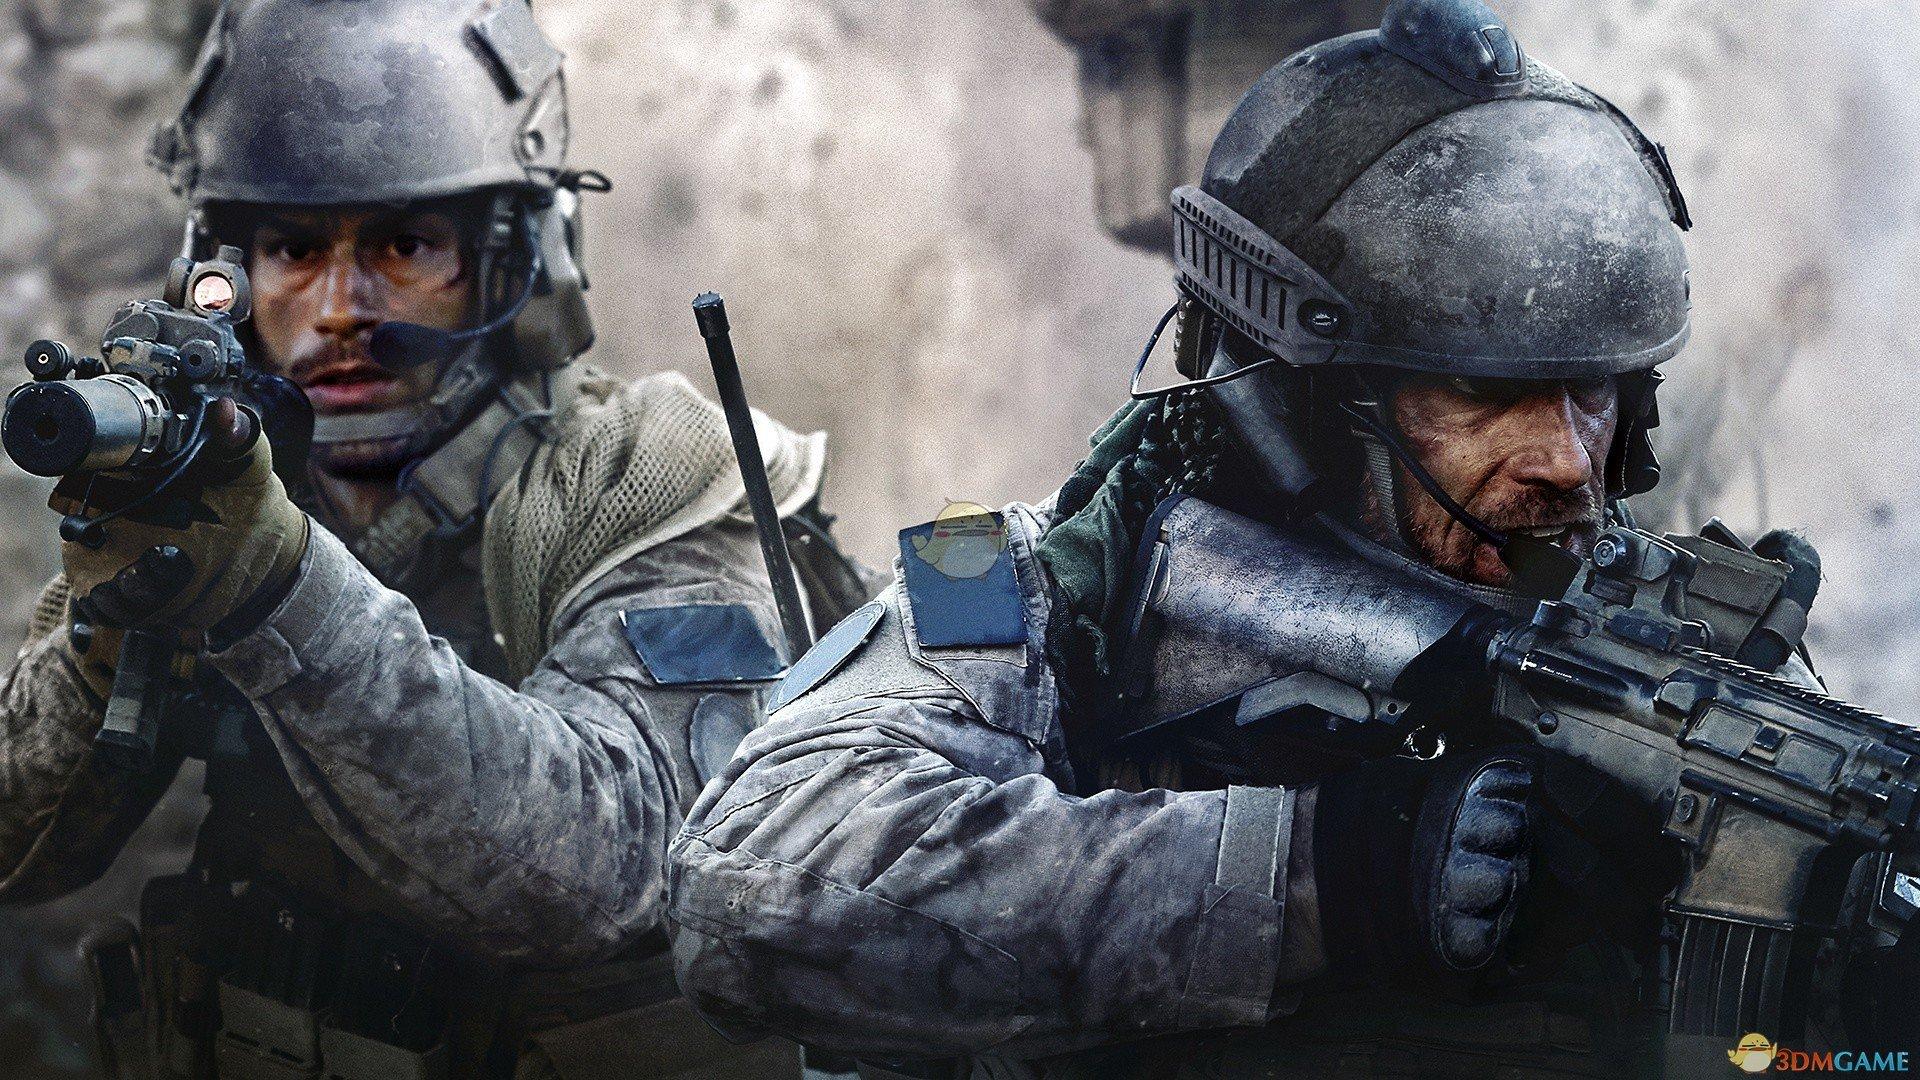 《使命召唤16:现代战争》M4 Colt 9mmSMG武器点评